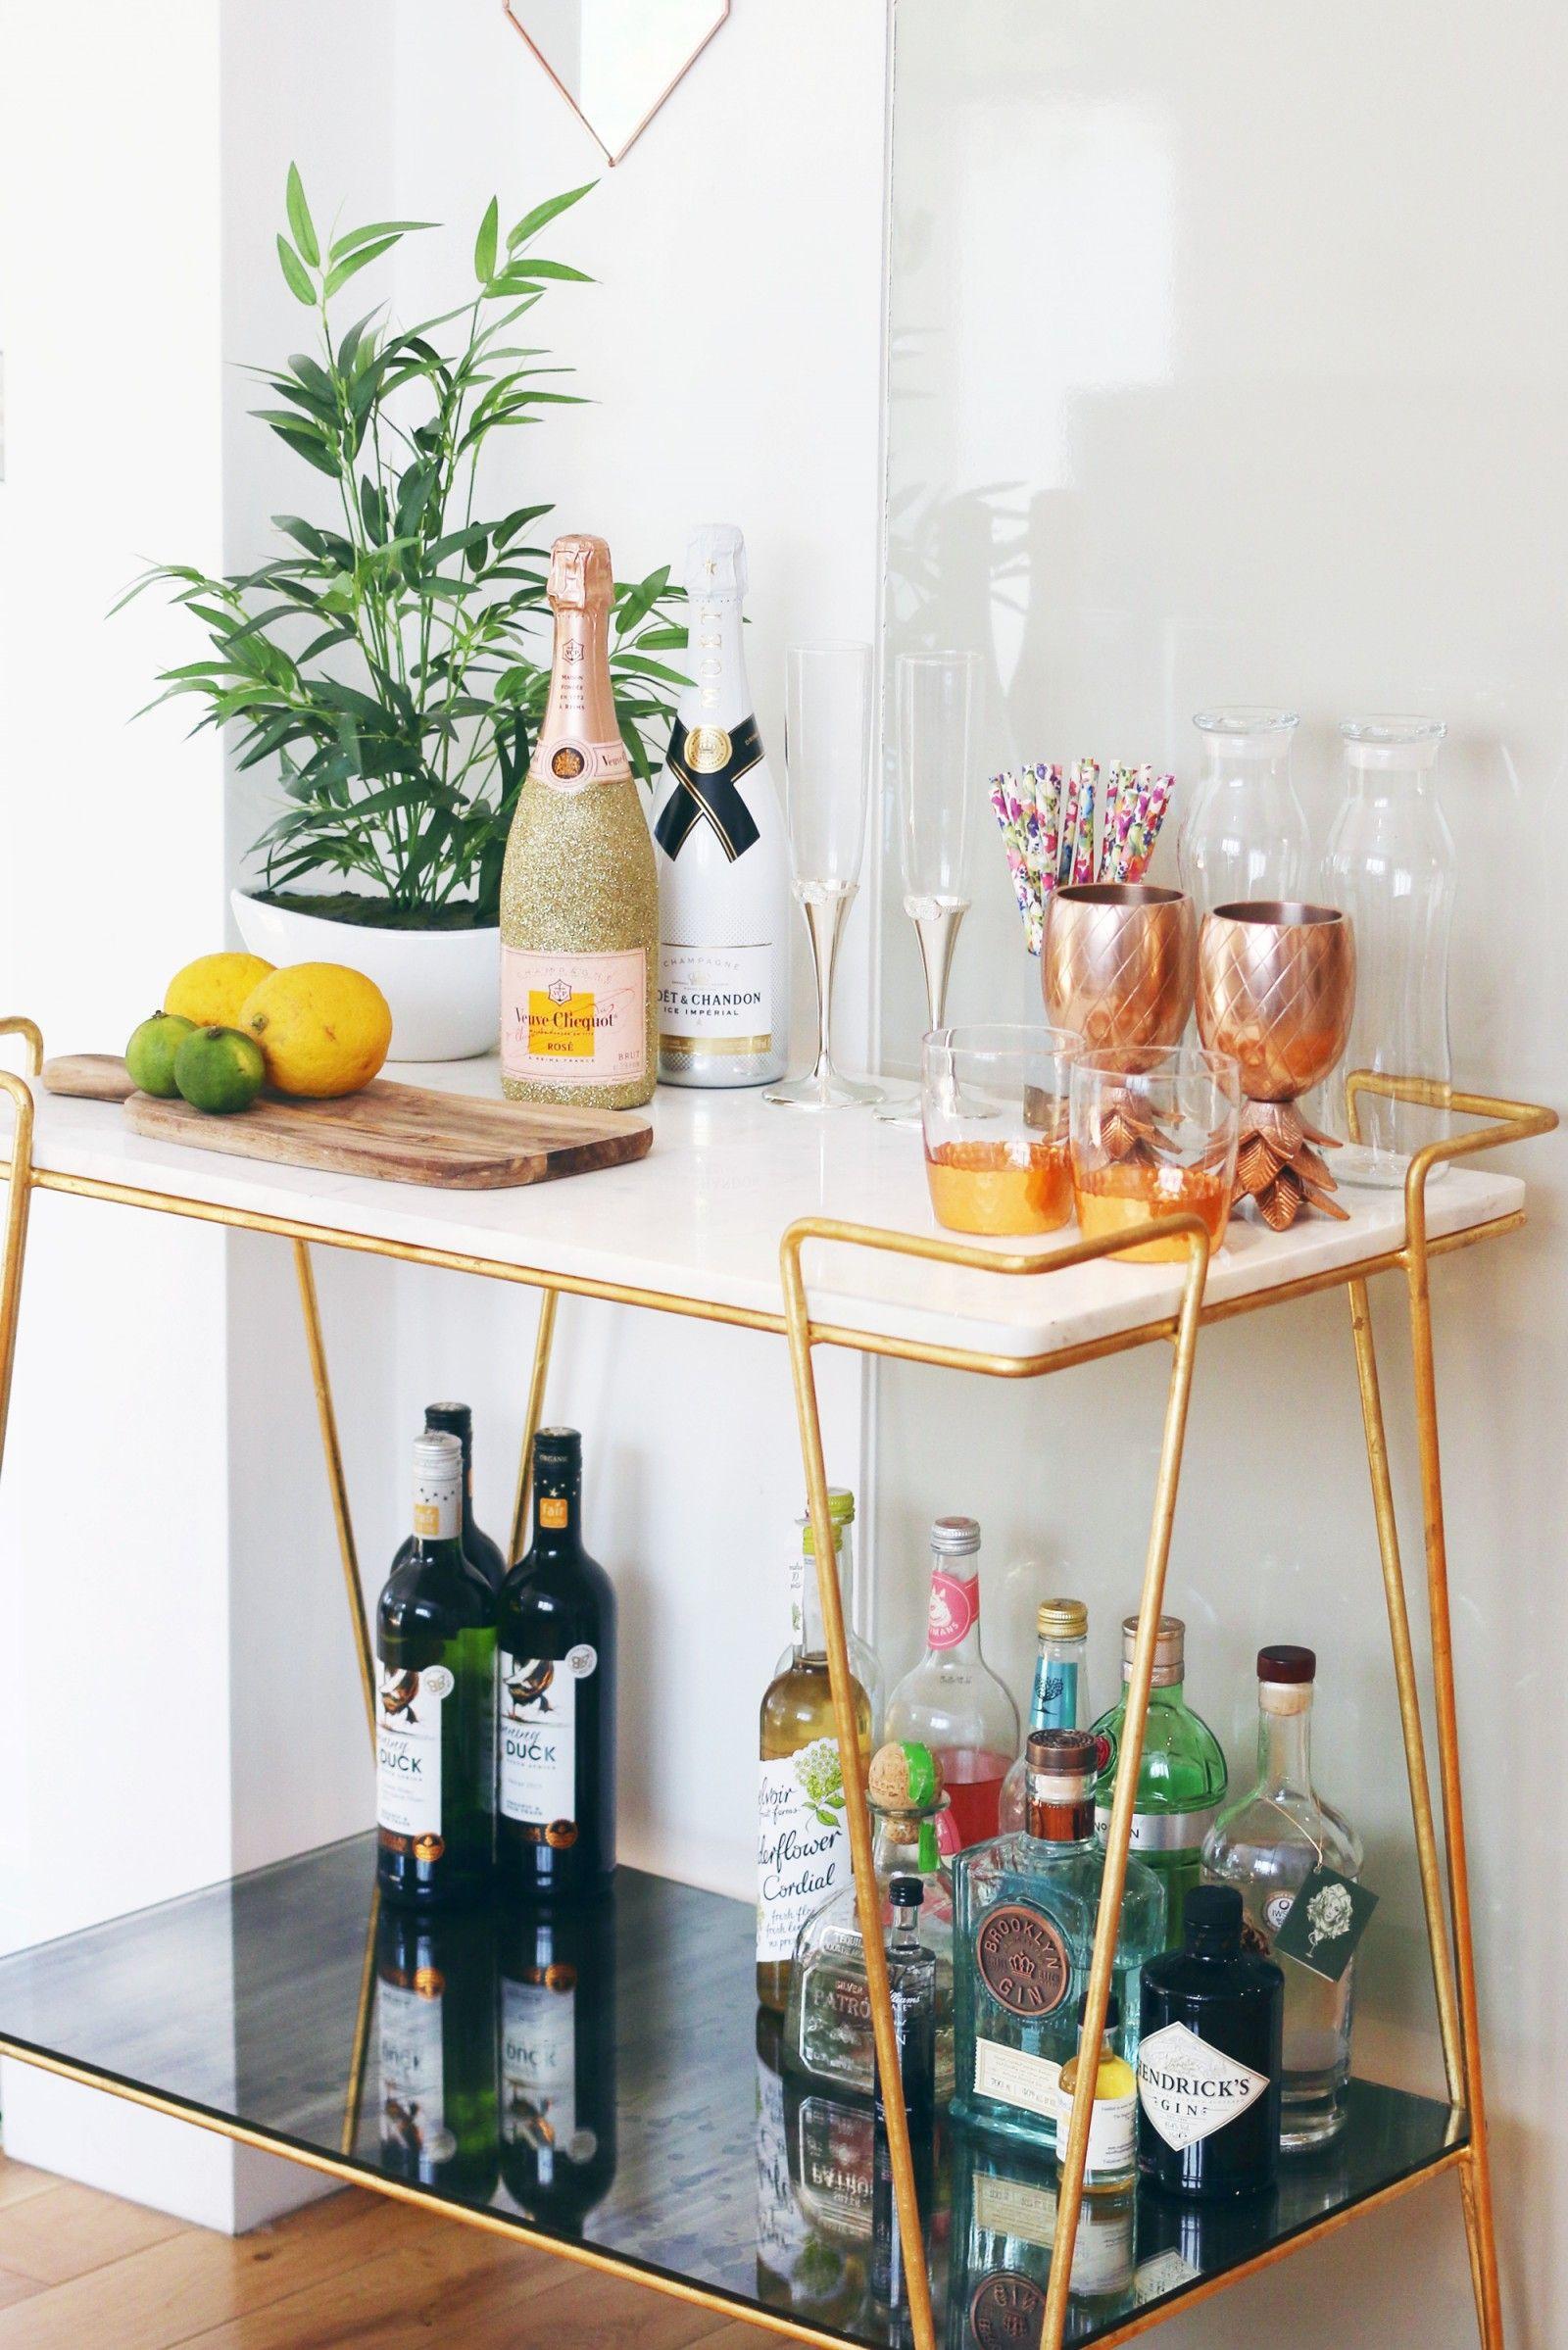 Dreamy Bar Cart   Huis   Pinterest   Goal, Interiors and Bar carts